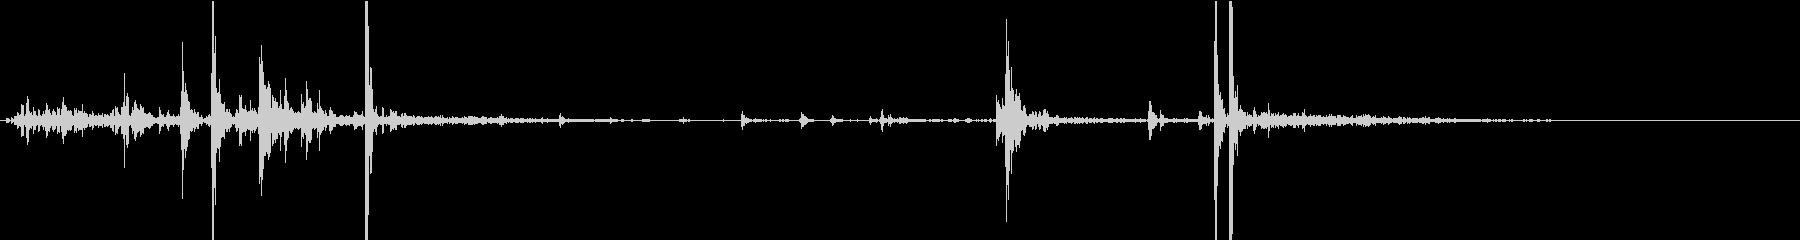 【生録音】何かを踏みつける 踏む 2の未再生の波形